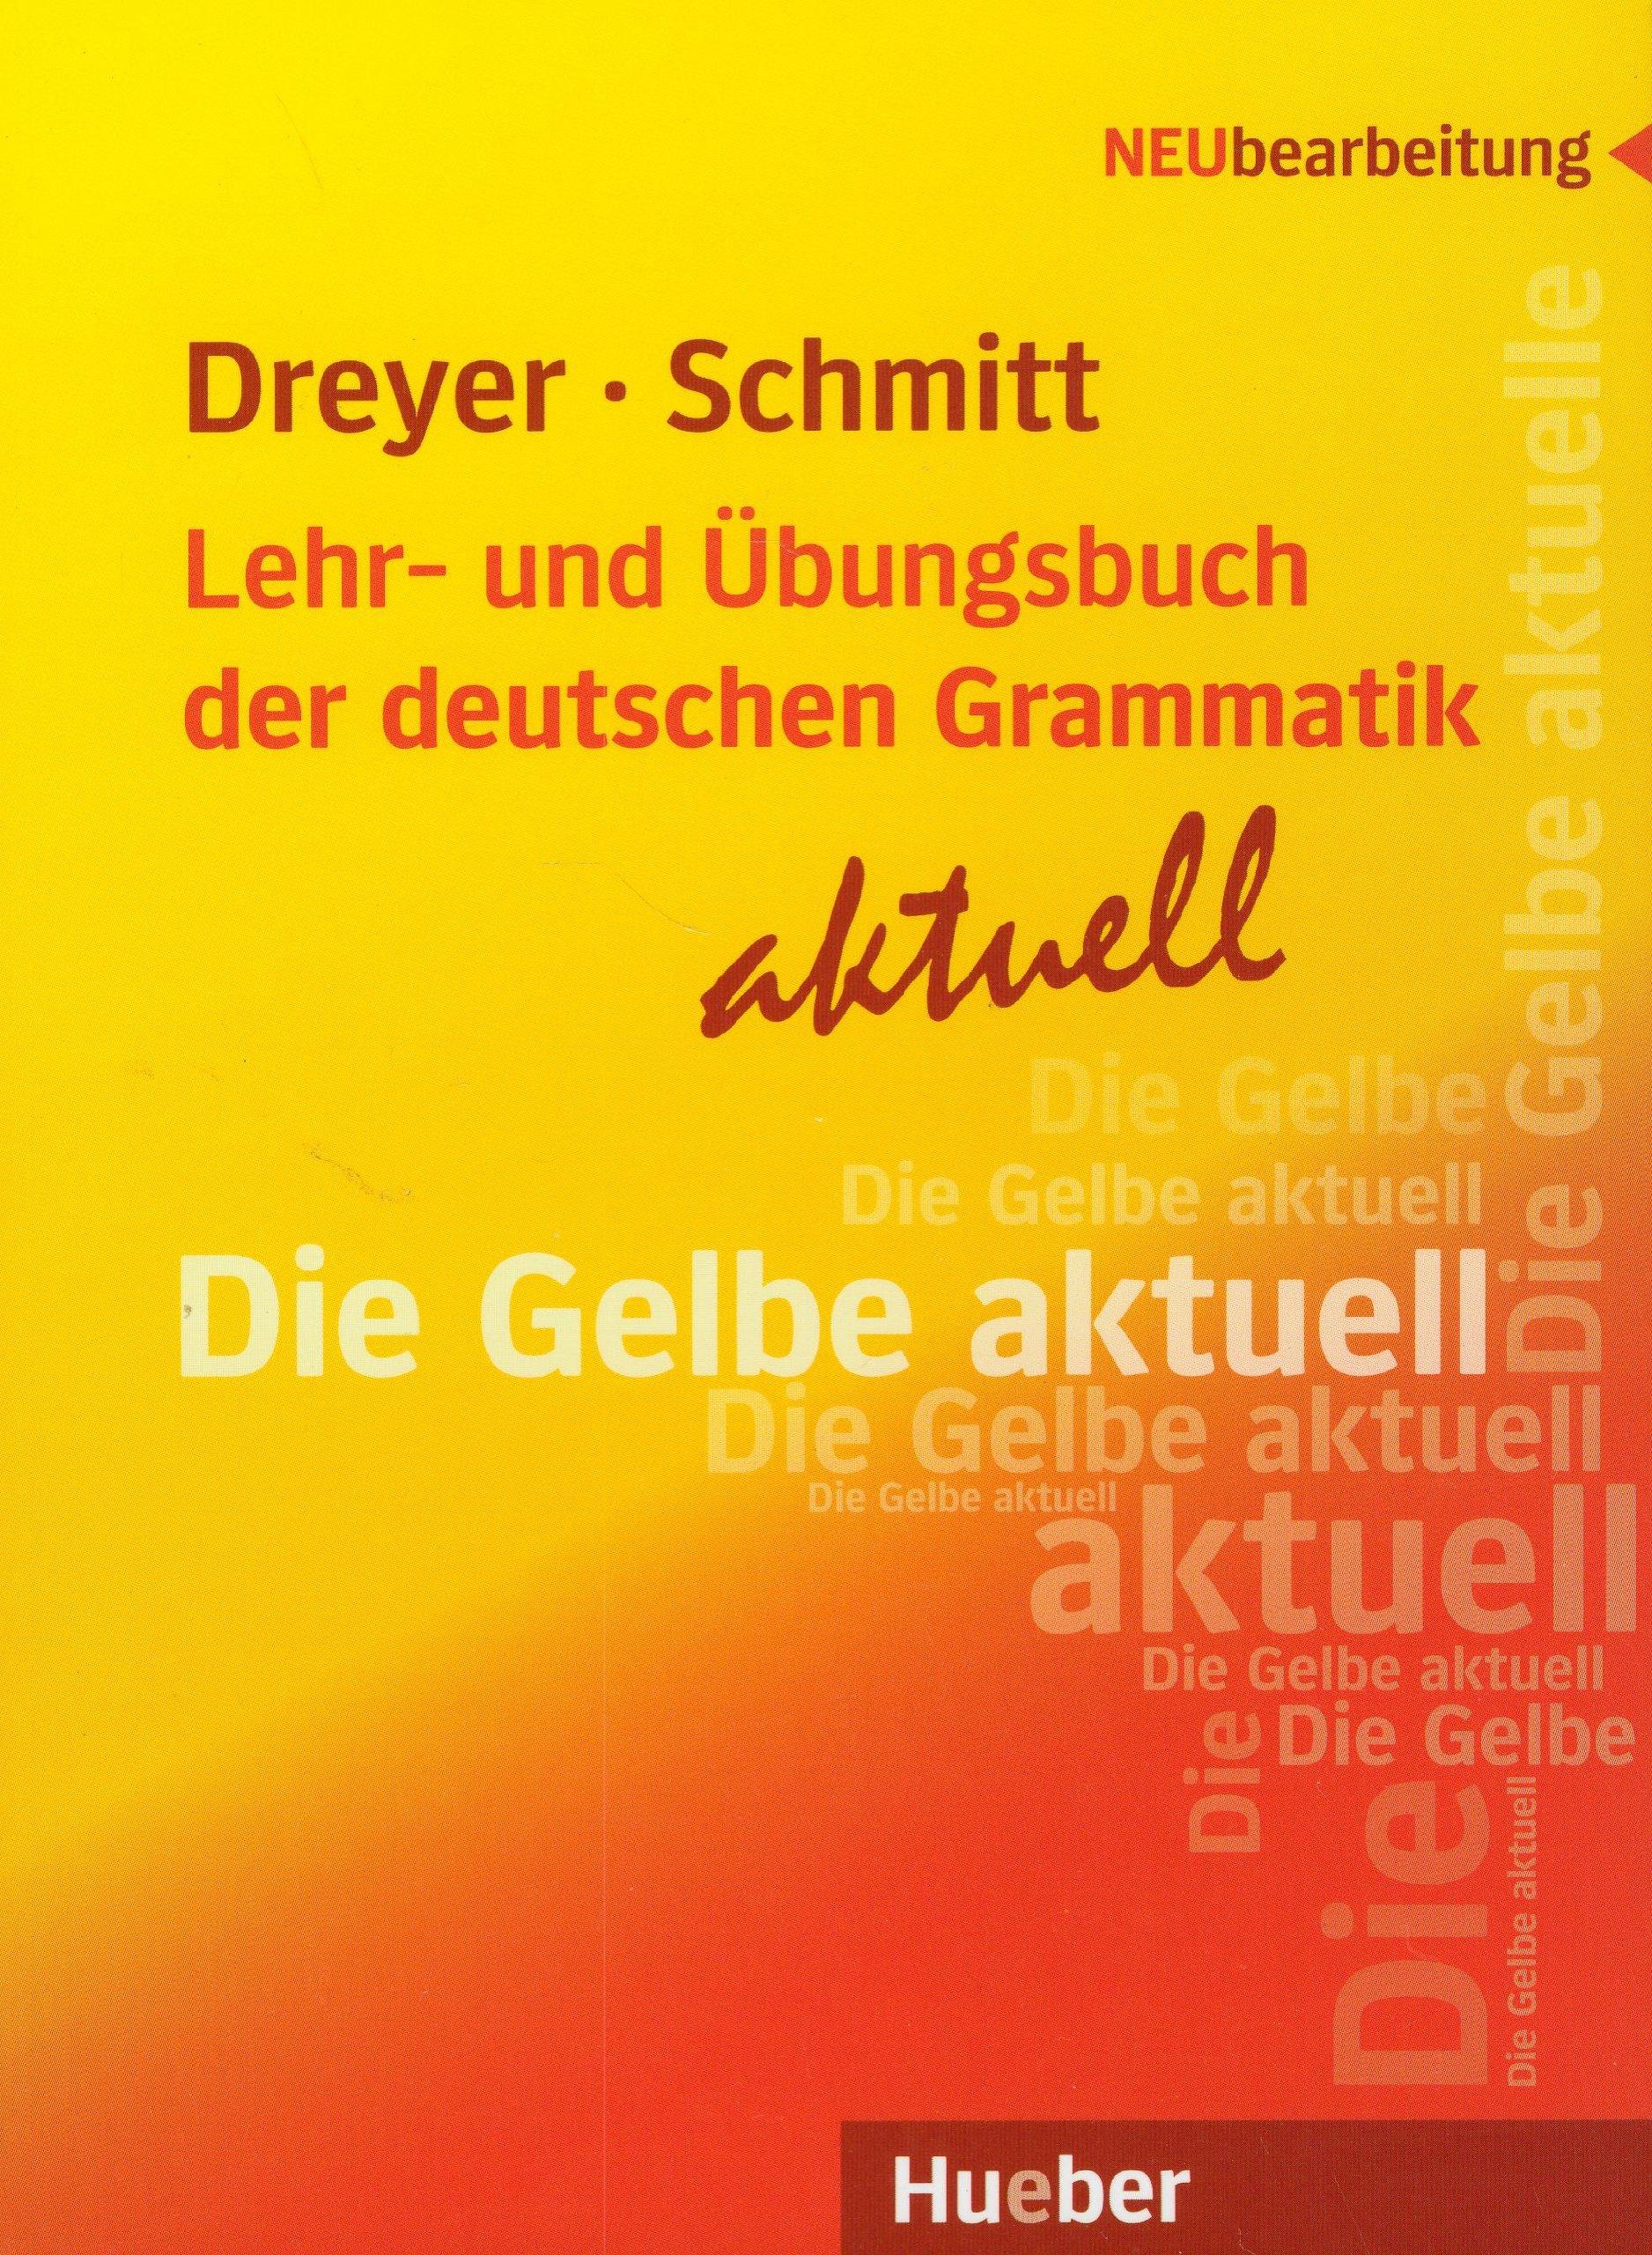 Немска граматика: Lehr- und Übungsbuch der deutschen Grammatik - aktuell